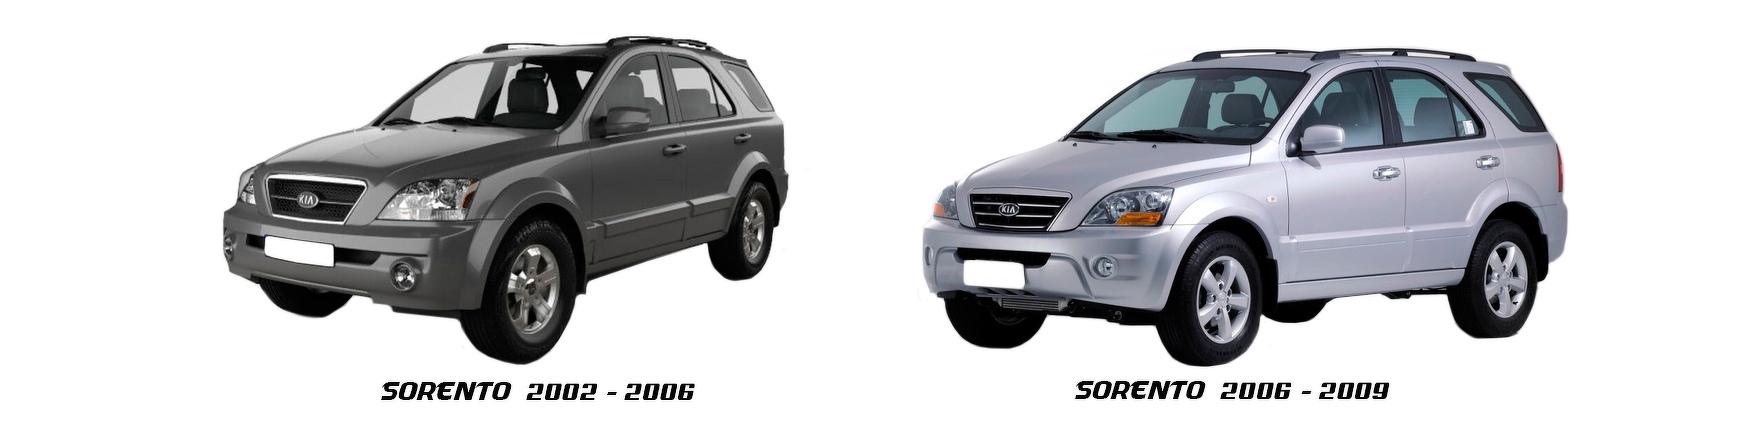 kia sorento 2002 2003 2004 2005 2006